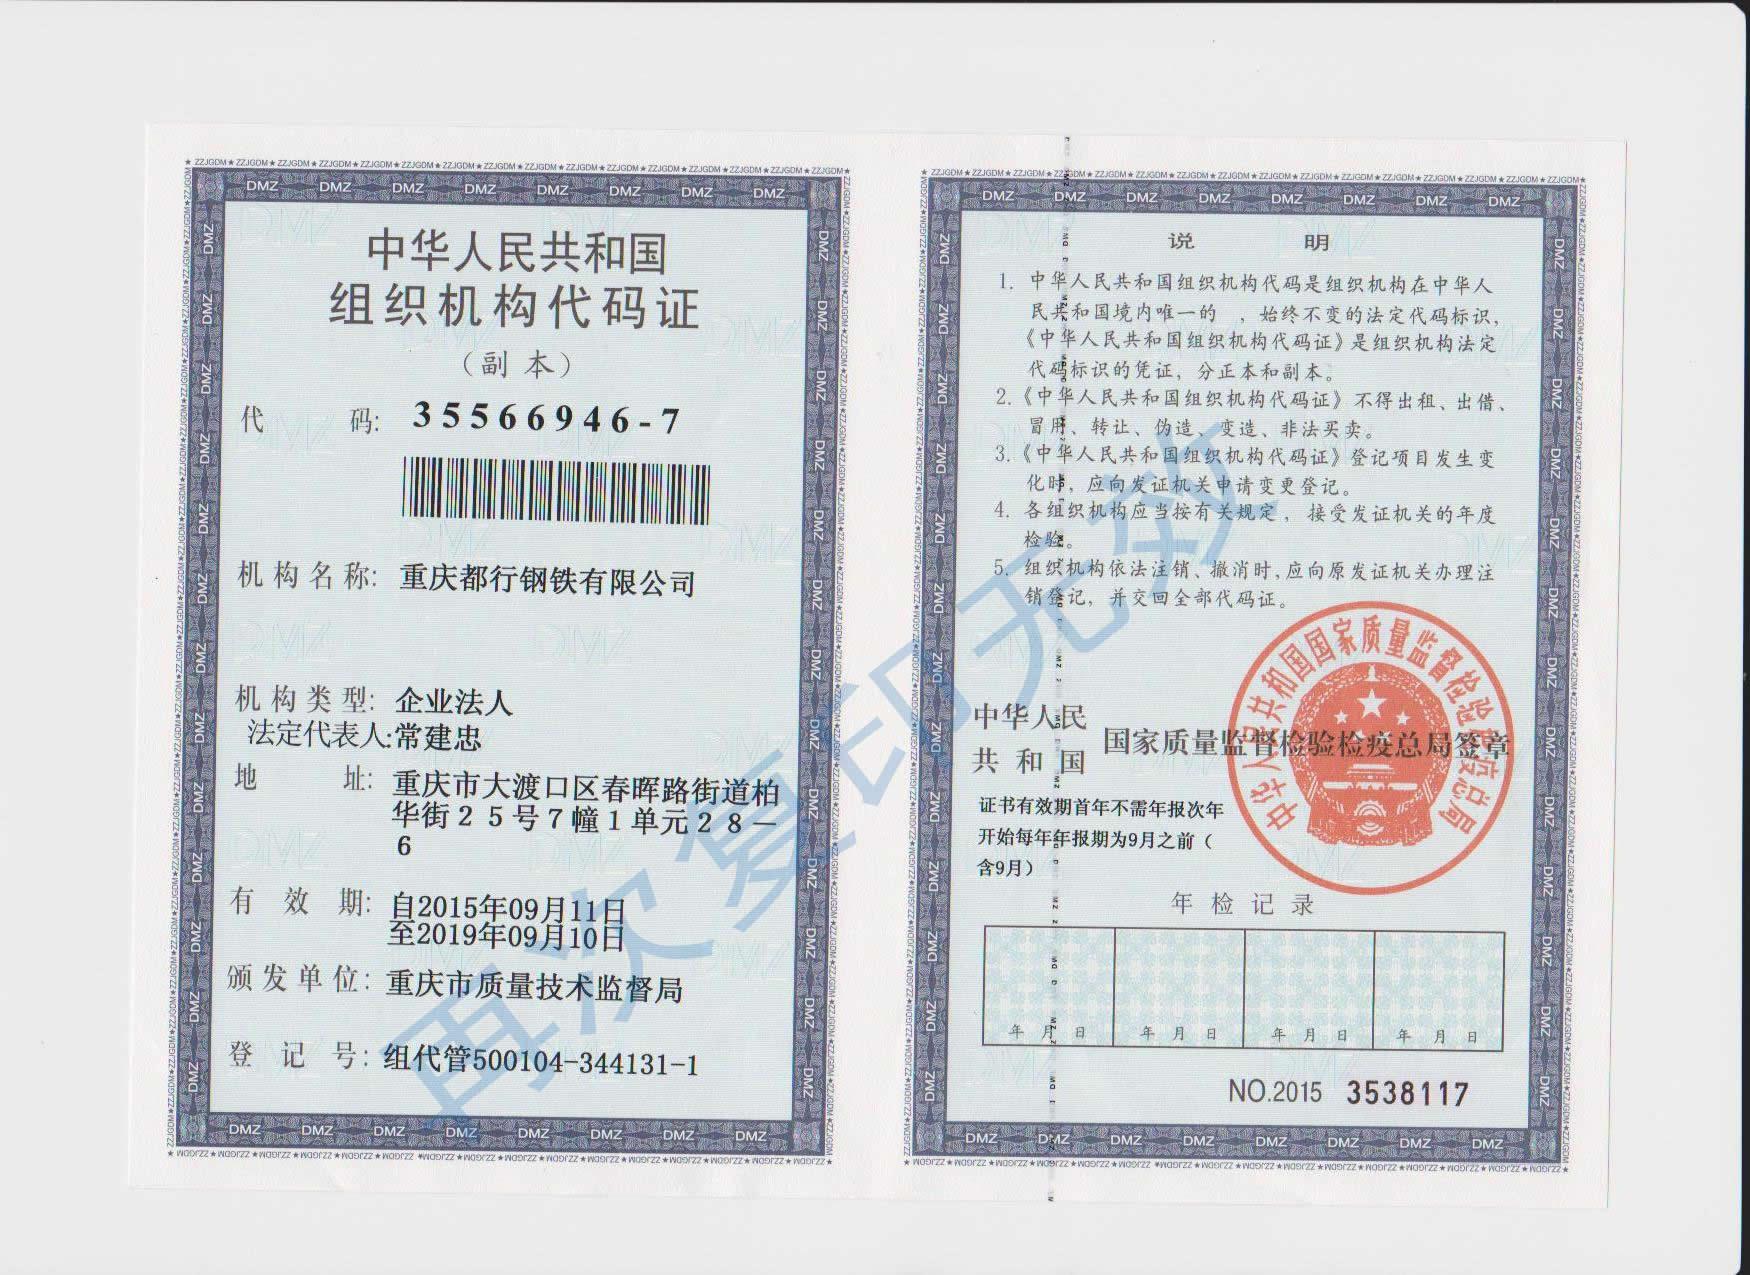 都行钢铁组织代码机构证